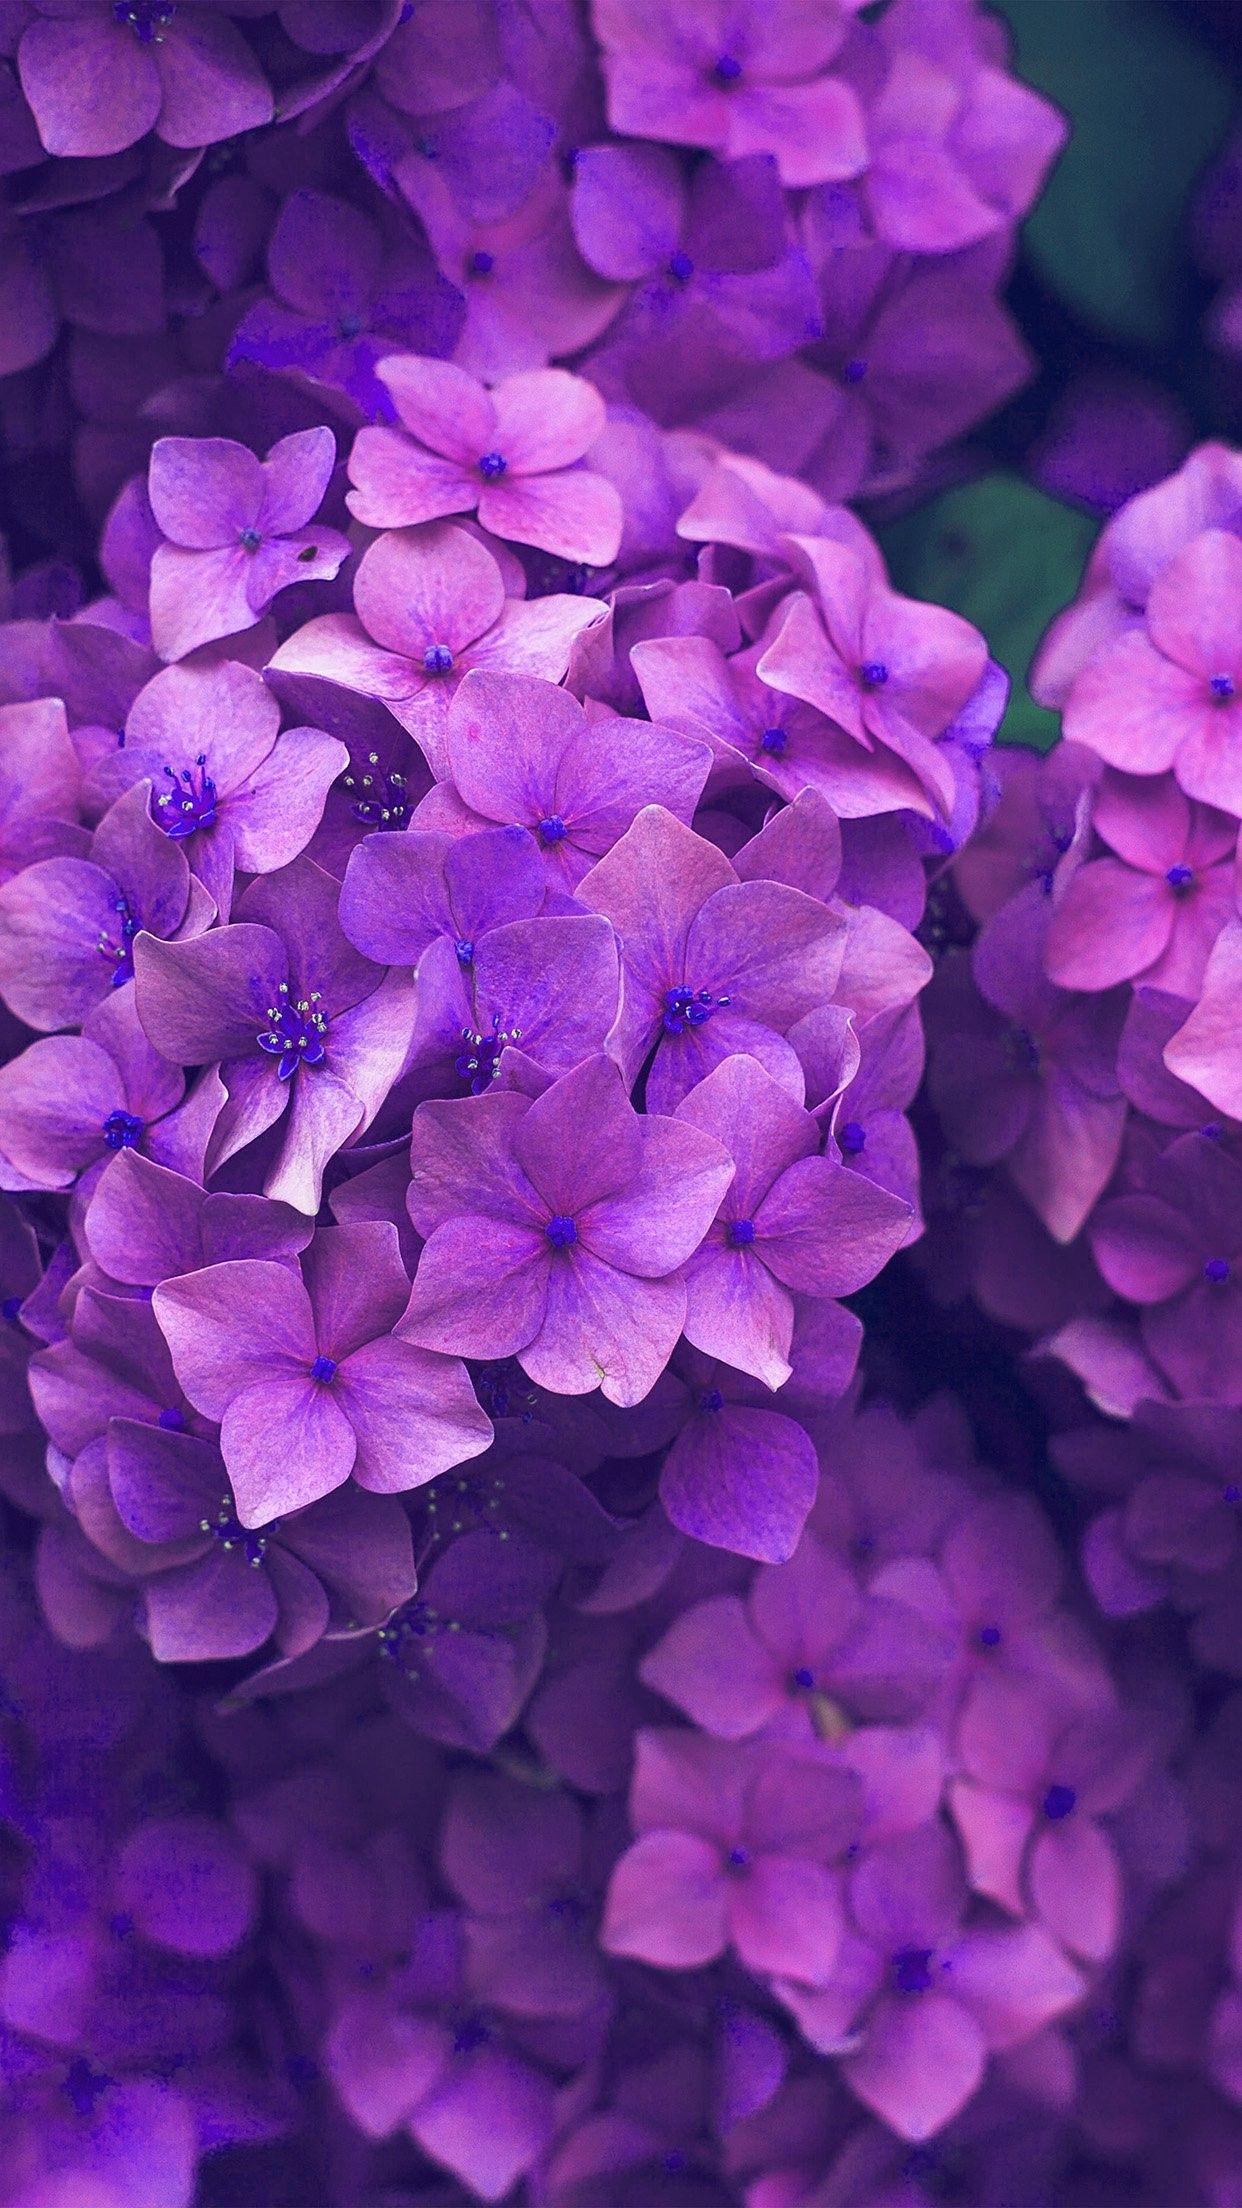 Beautifull Flowers Wallpaper Purple Flowers Wallpaper Purple Wallpaper Phone Purple Flowers